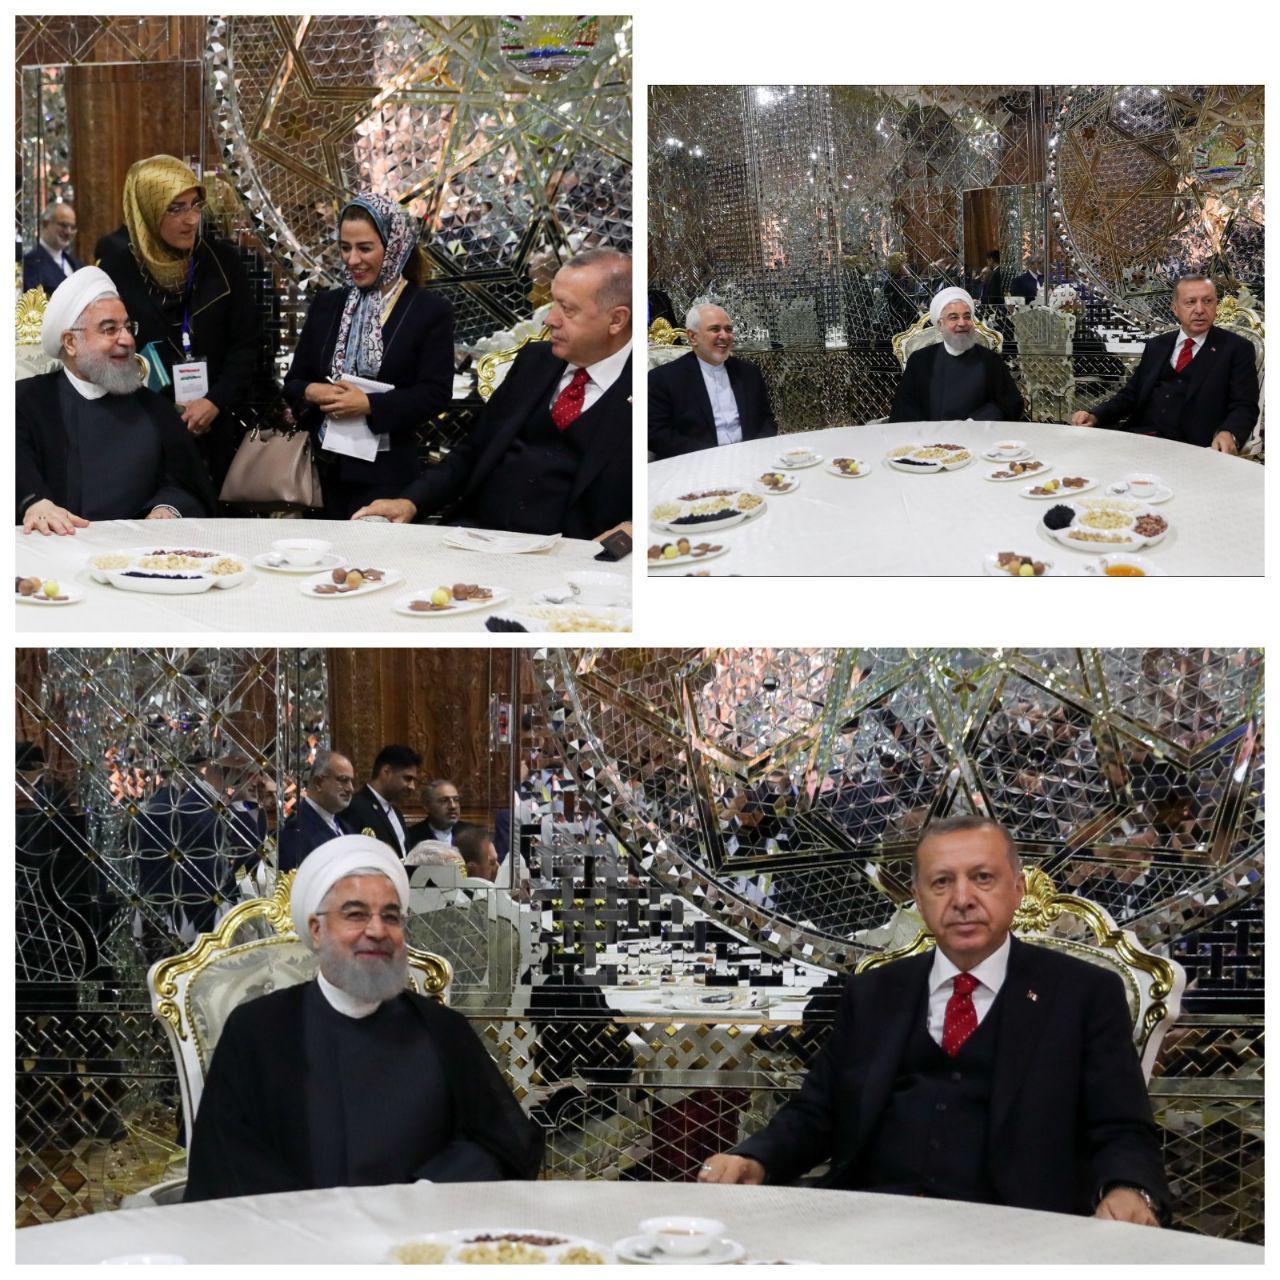 دیدار اردوغان و روحانی در تاجیکستان (عکس)